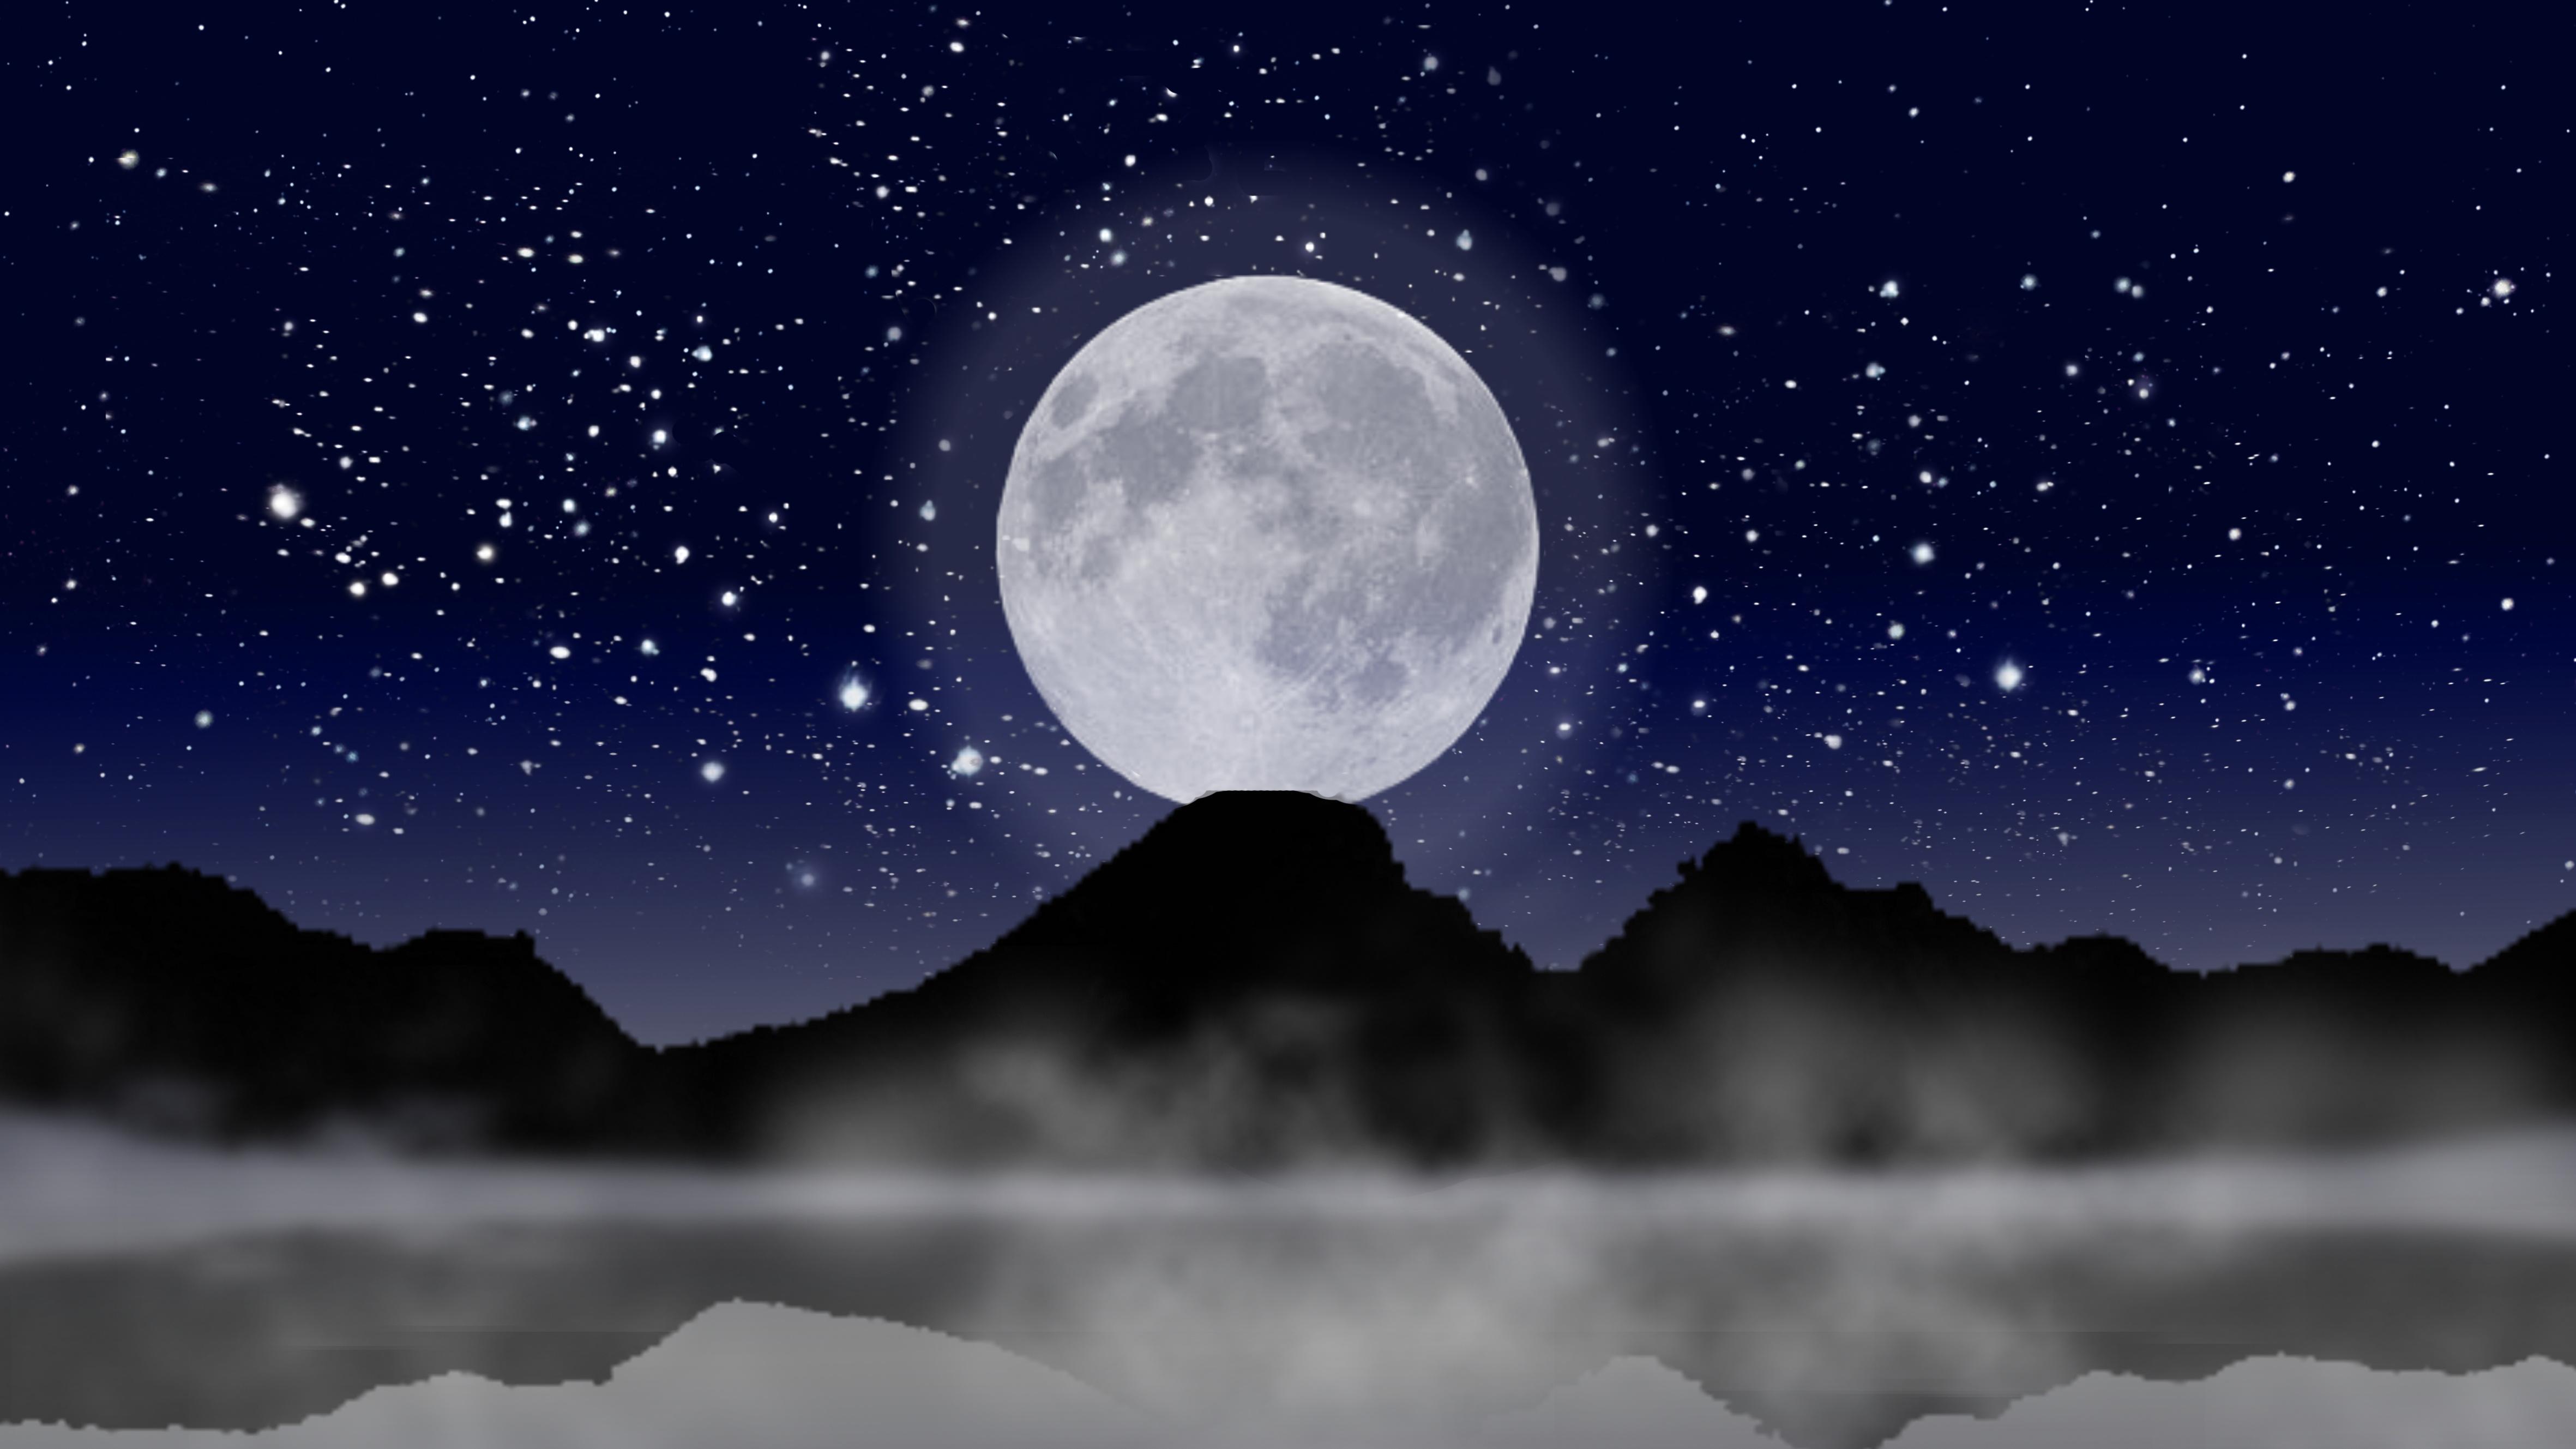 Картинка луна больше рядом море красиво того, чтобы